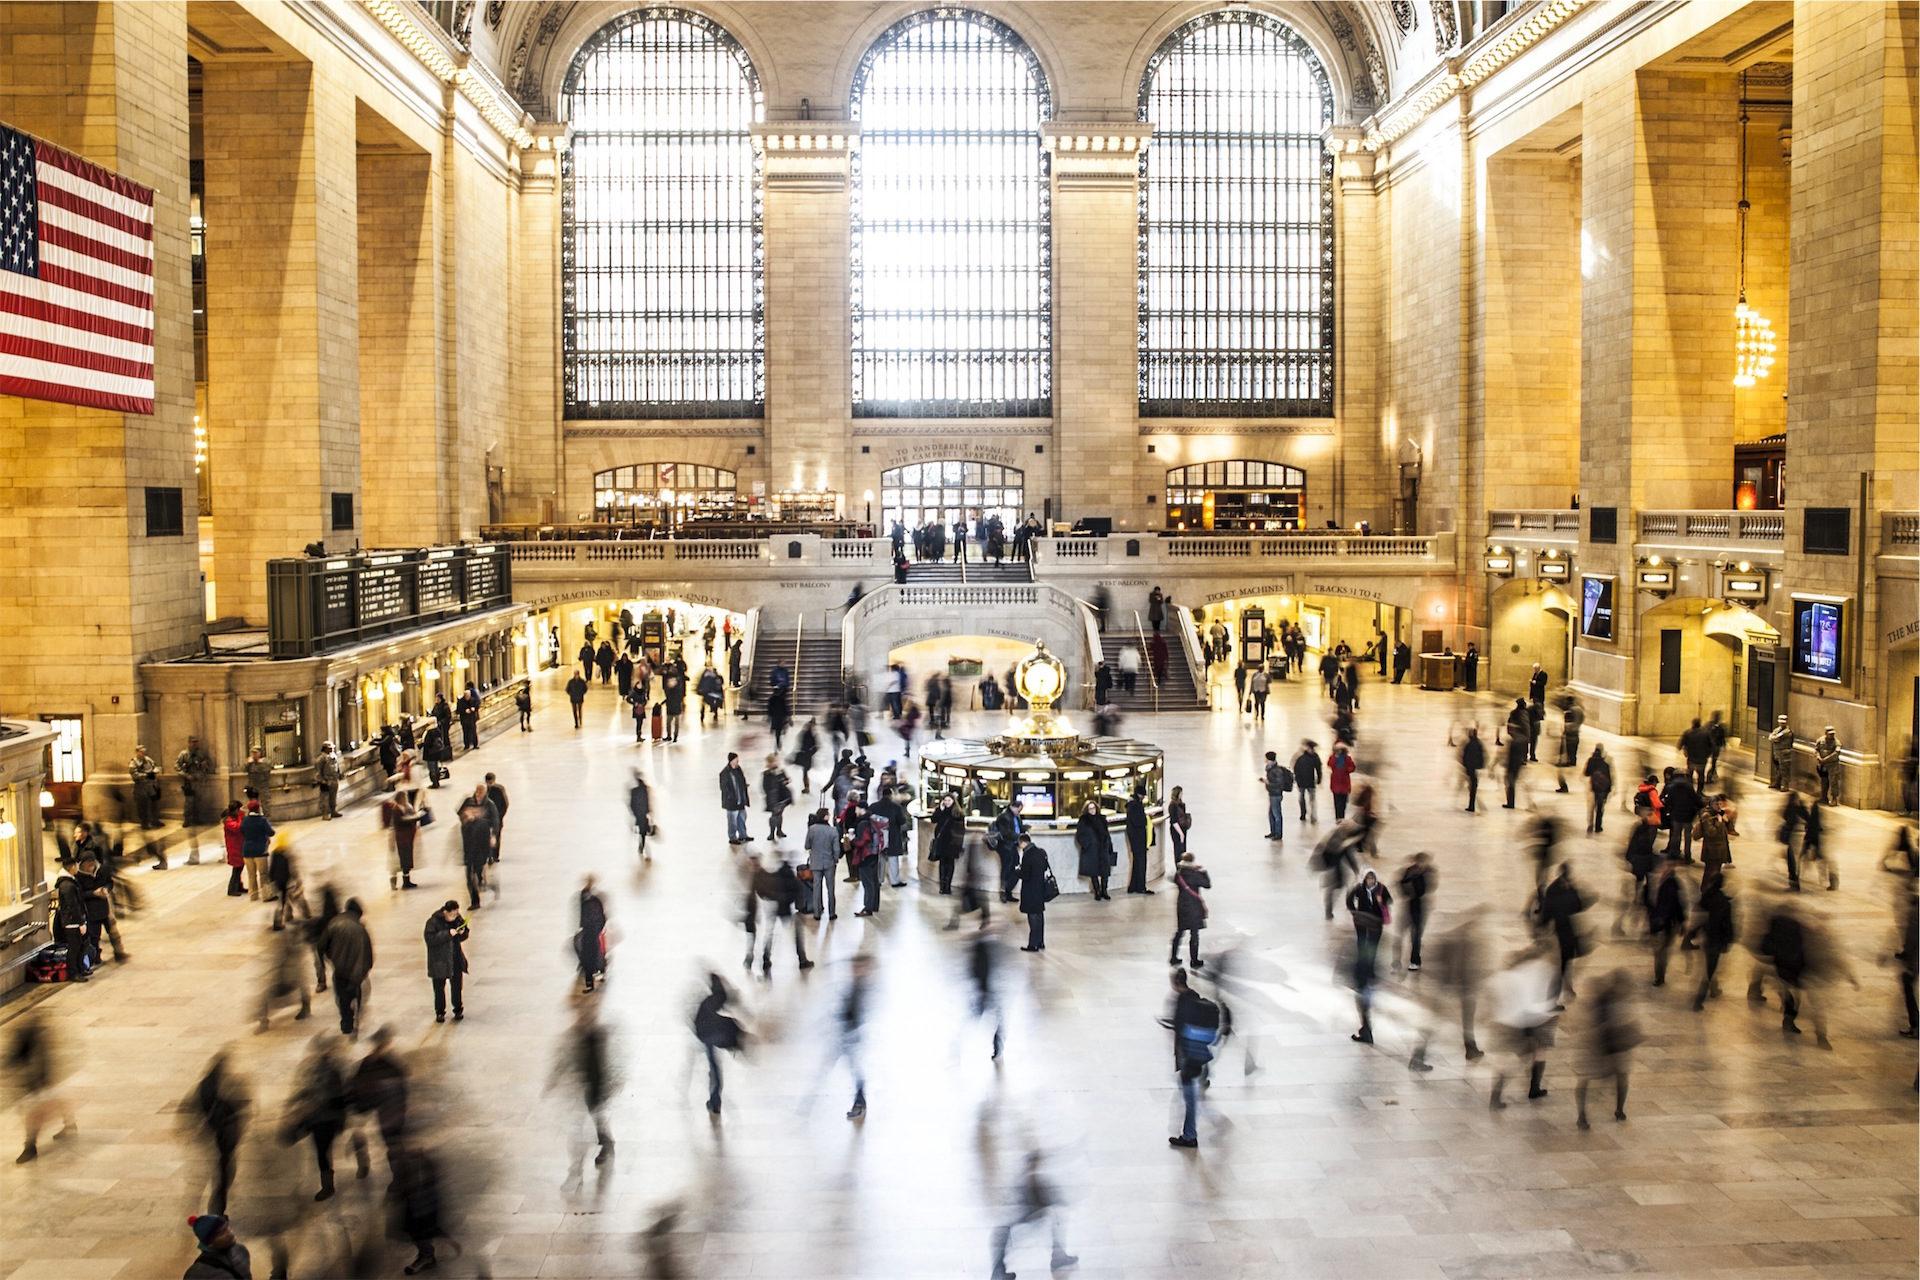 Bahnhof, Metro, Menschen, Reisende, USA - Wallpaper HD - Prof.-falken.com